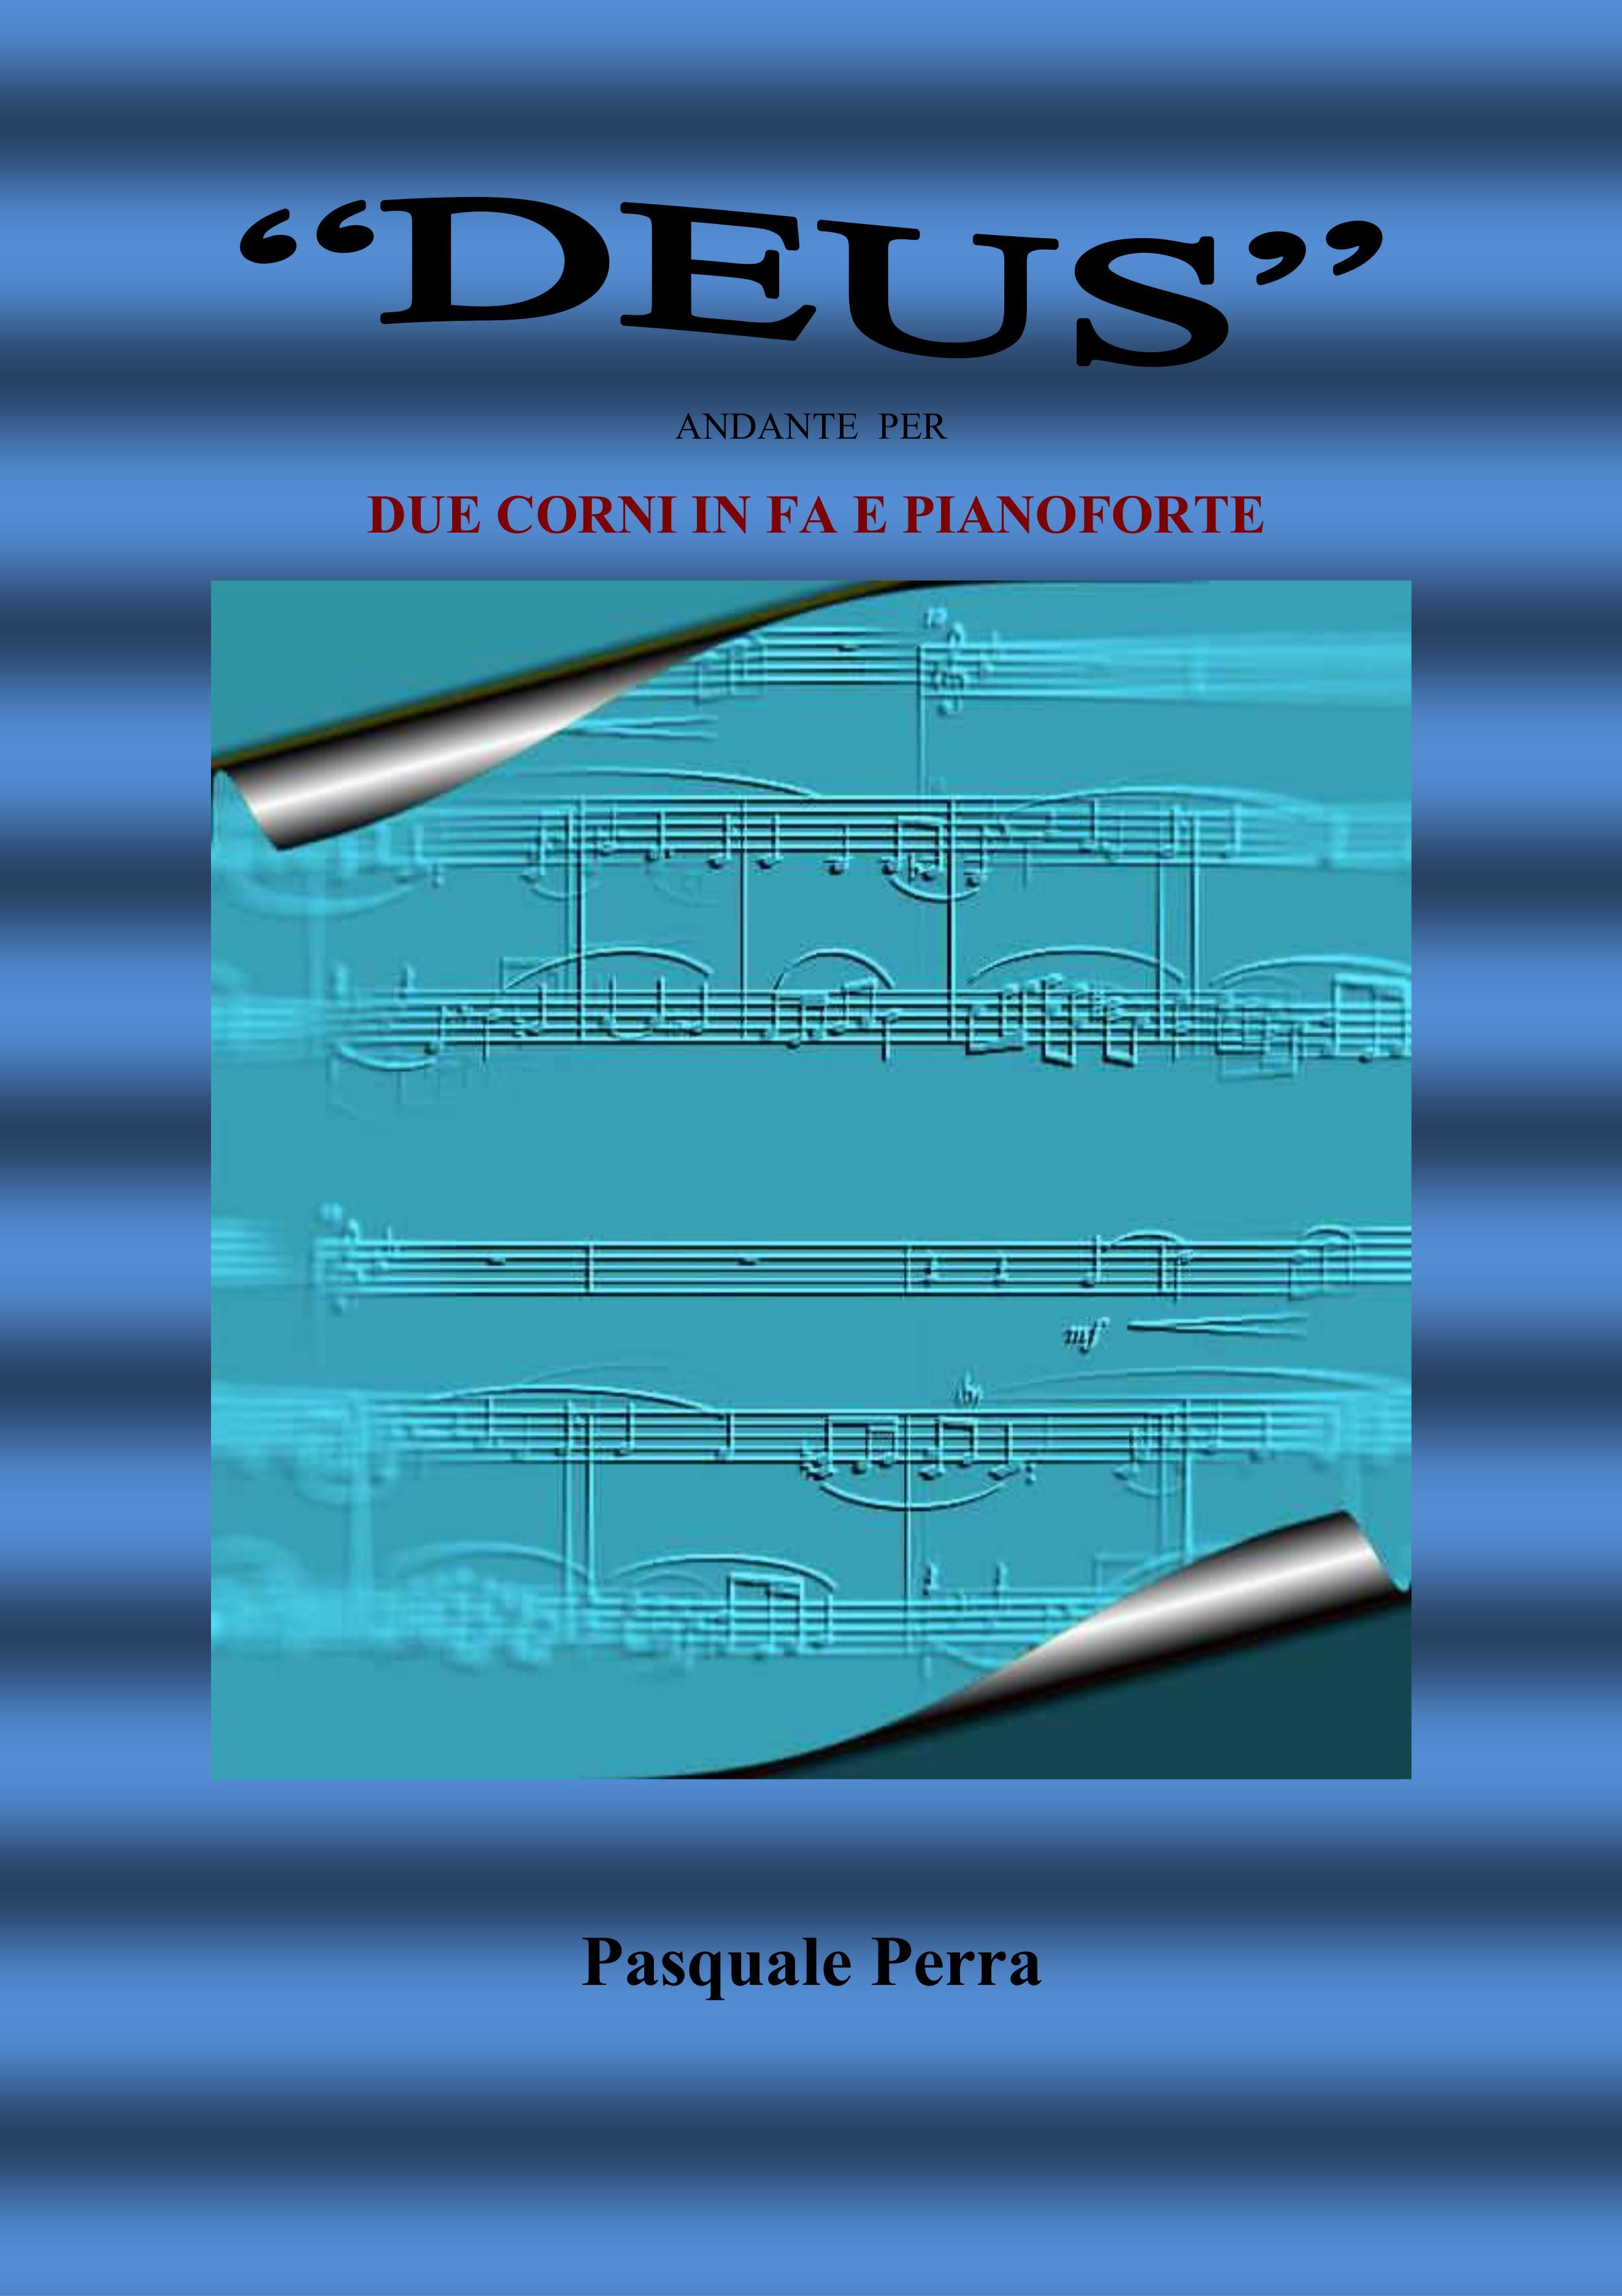 """""""Deus"""" andante per due corni in fa e pianoforte (spartito per corno in fa 1° e 2° e per pianoforte)"""